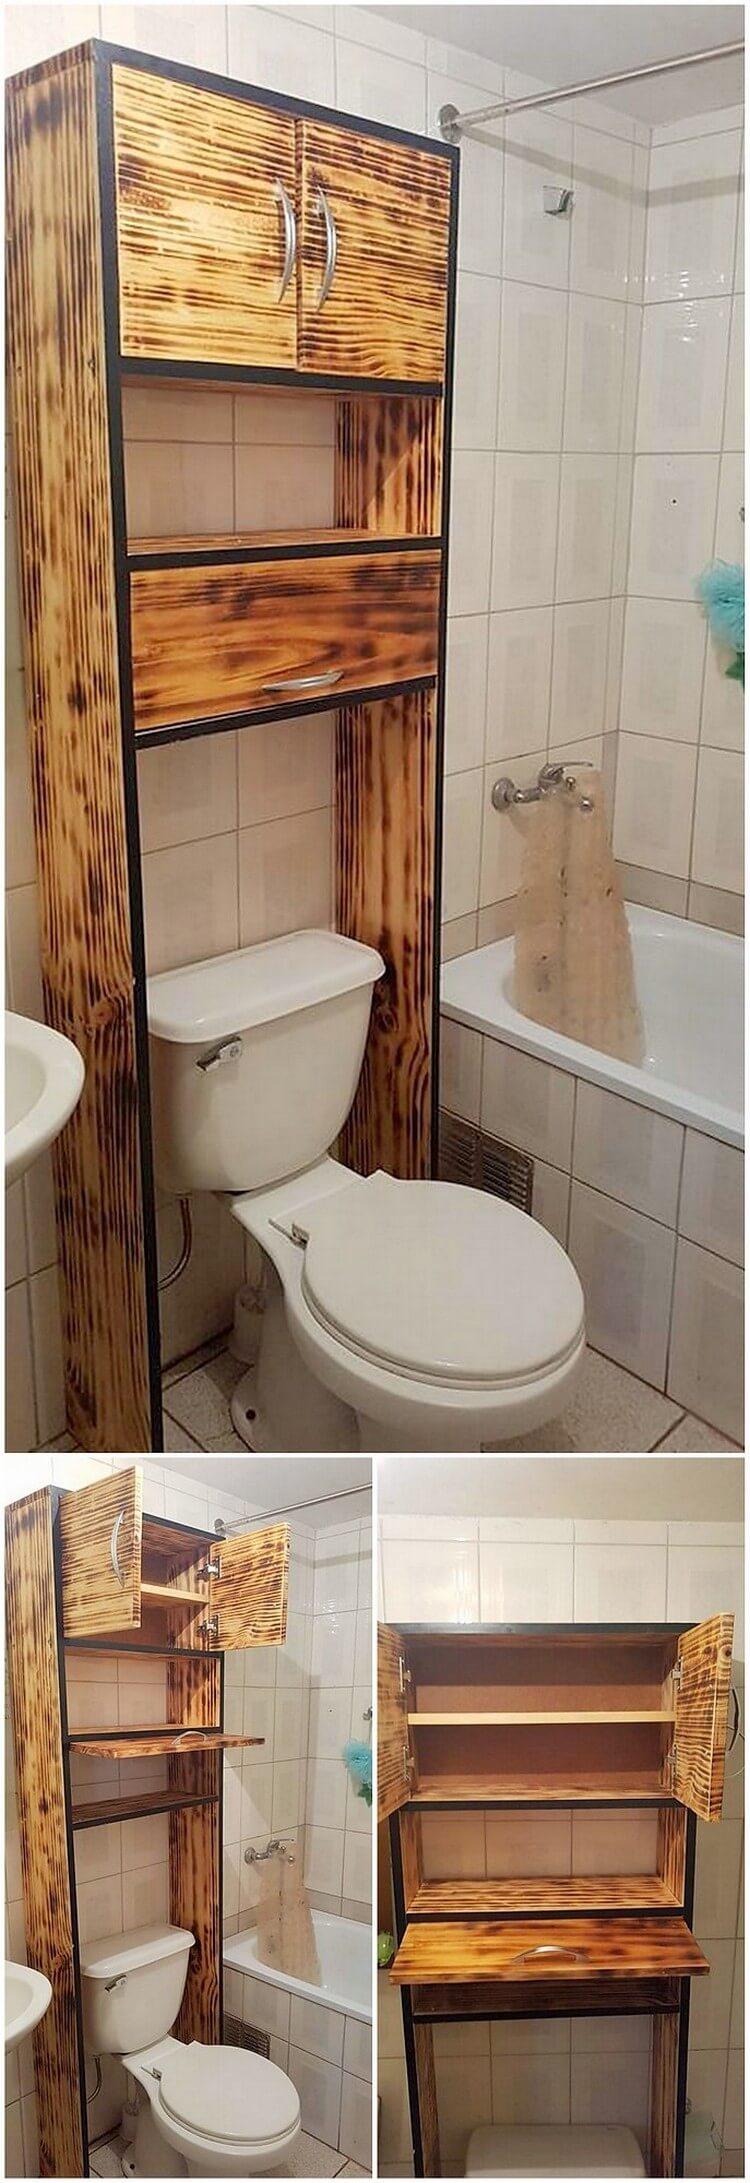 Pallet Bathroom Cabinet with Storage Shelf (2)